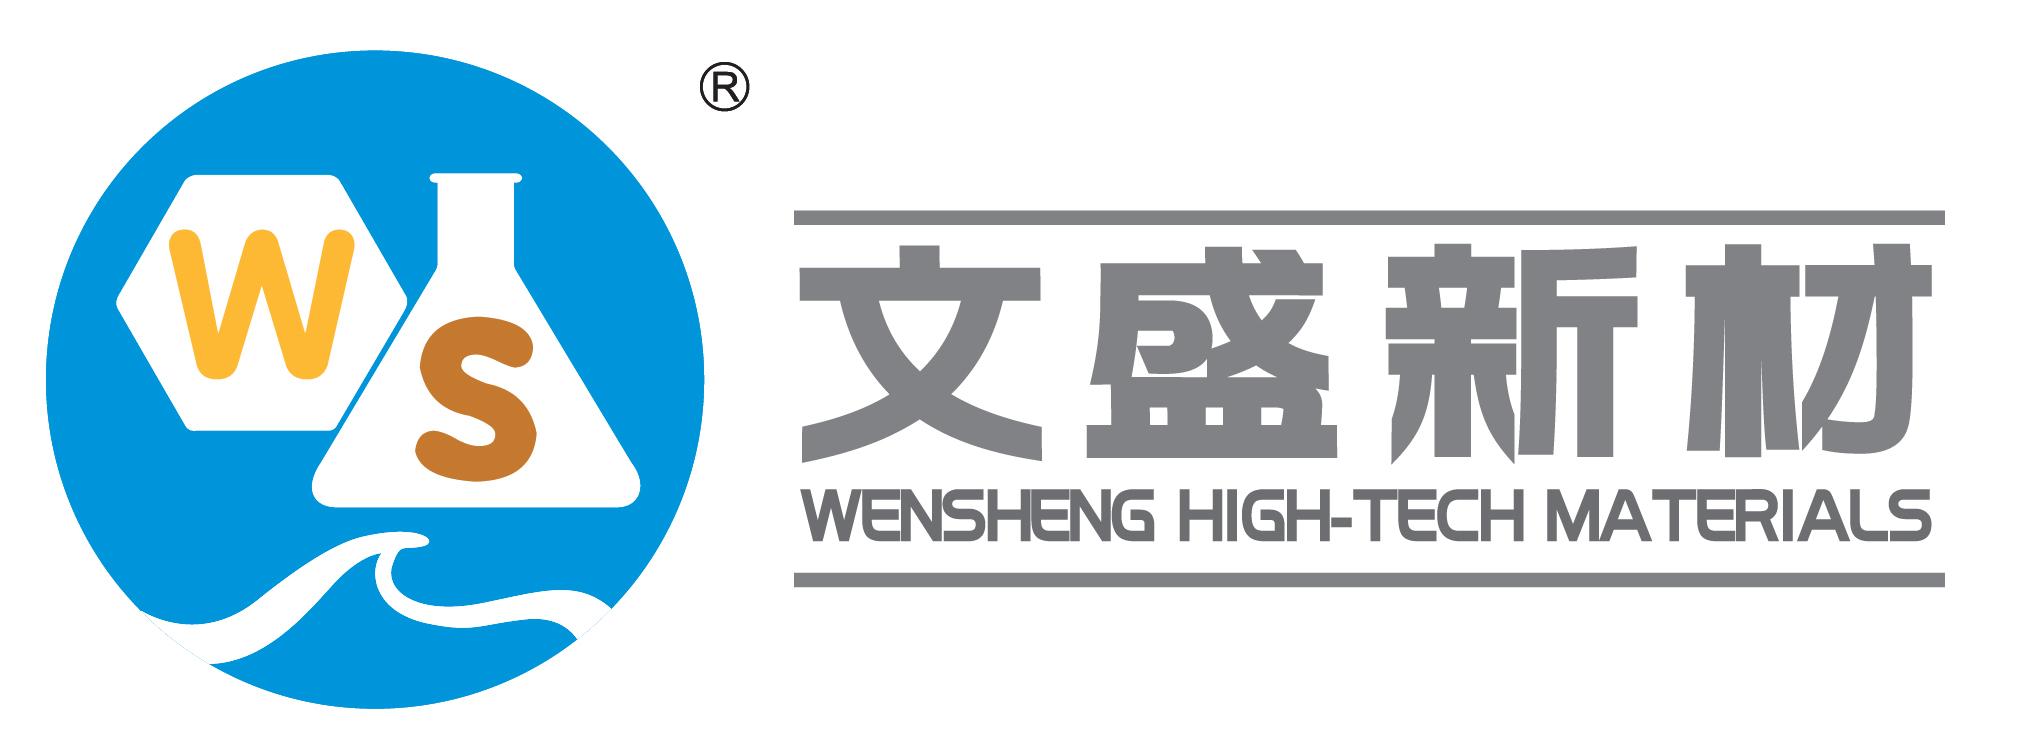 wensheng-logo-02